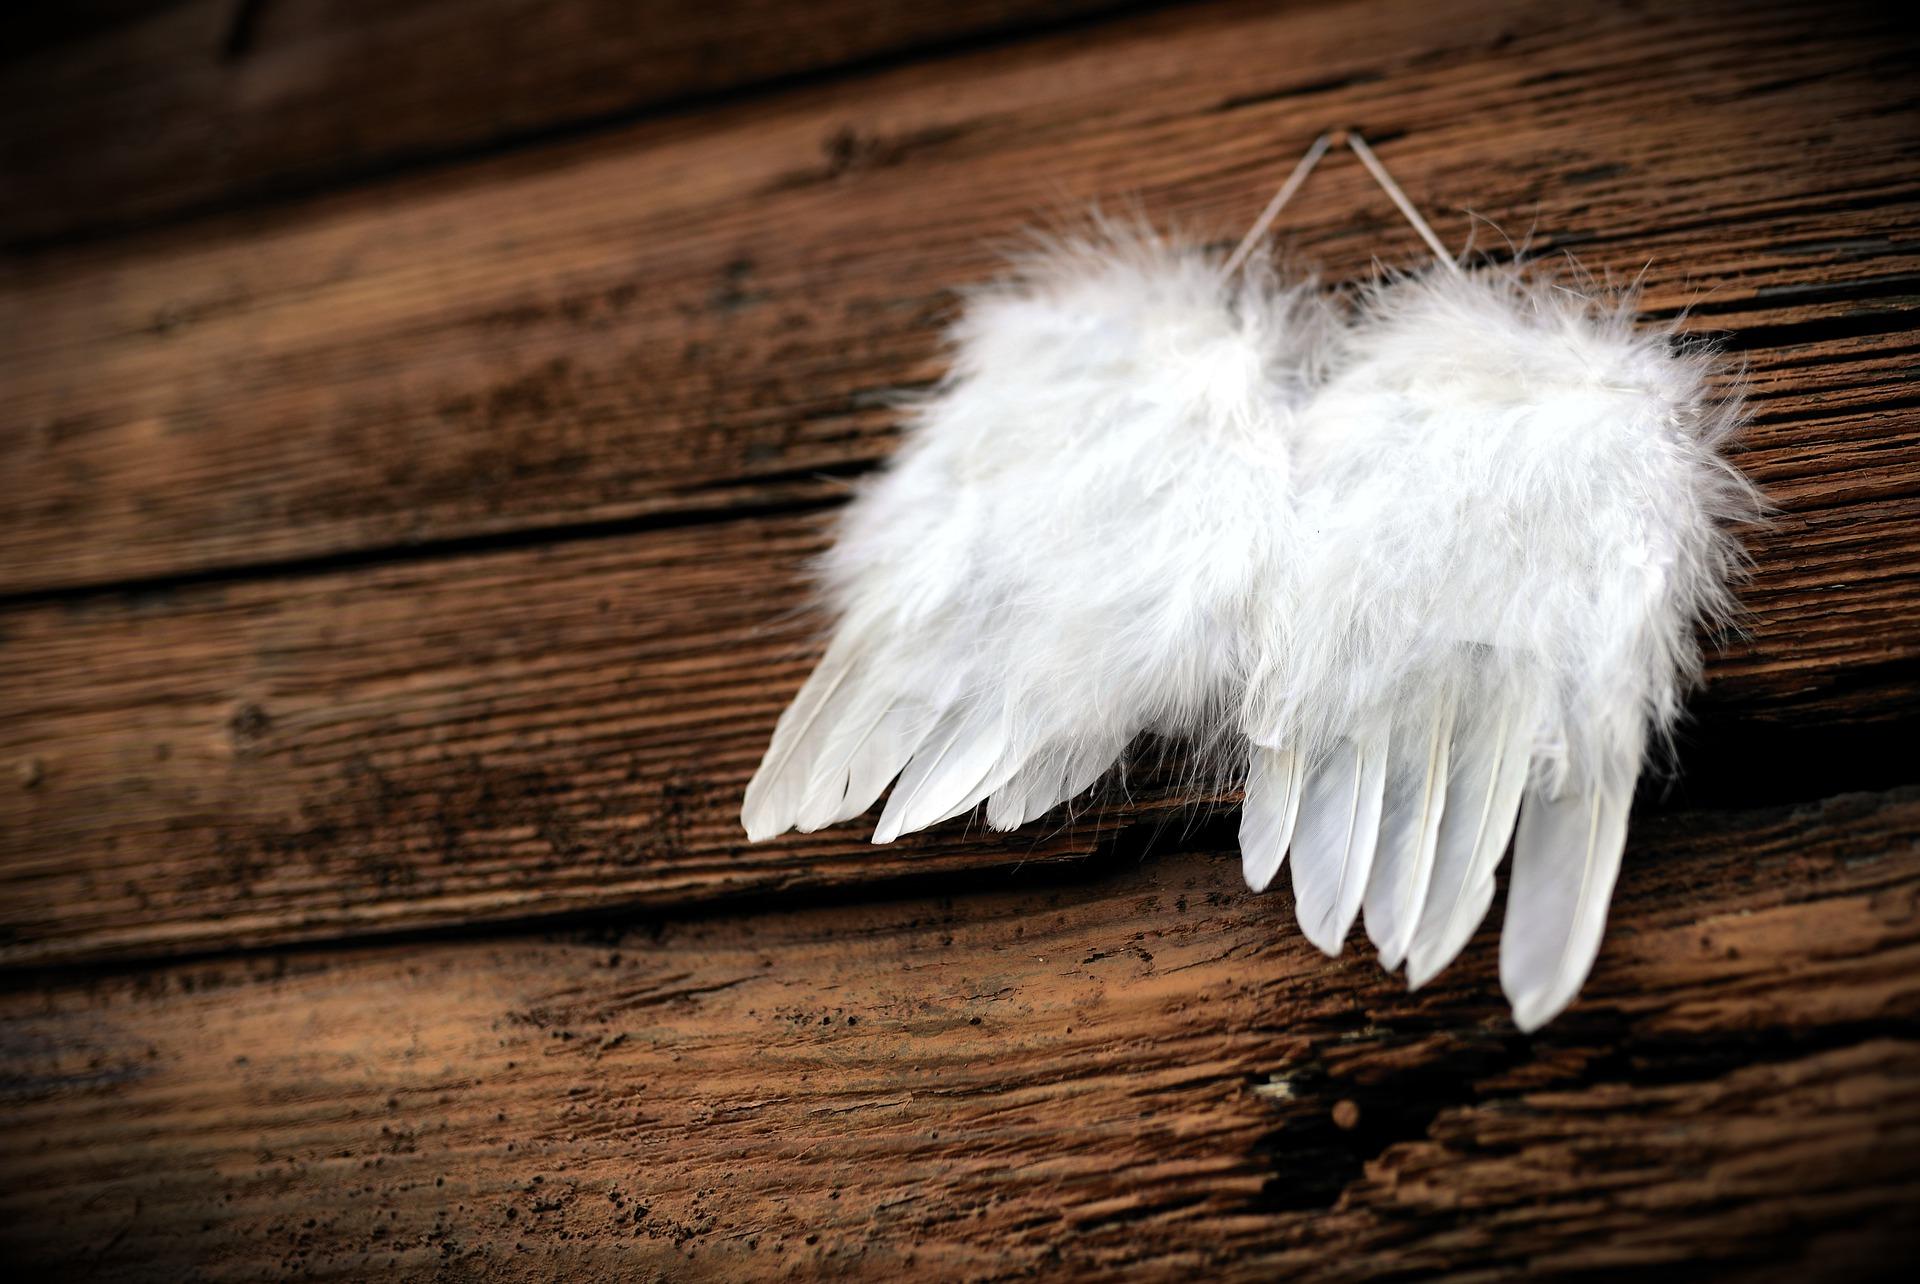 復縁が叶うエンジェルナンバーは天使からのメッセージ!本当に叶った体験談&叶うまでの前兆